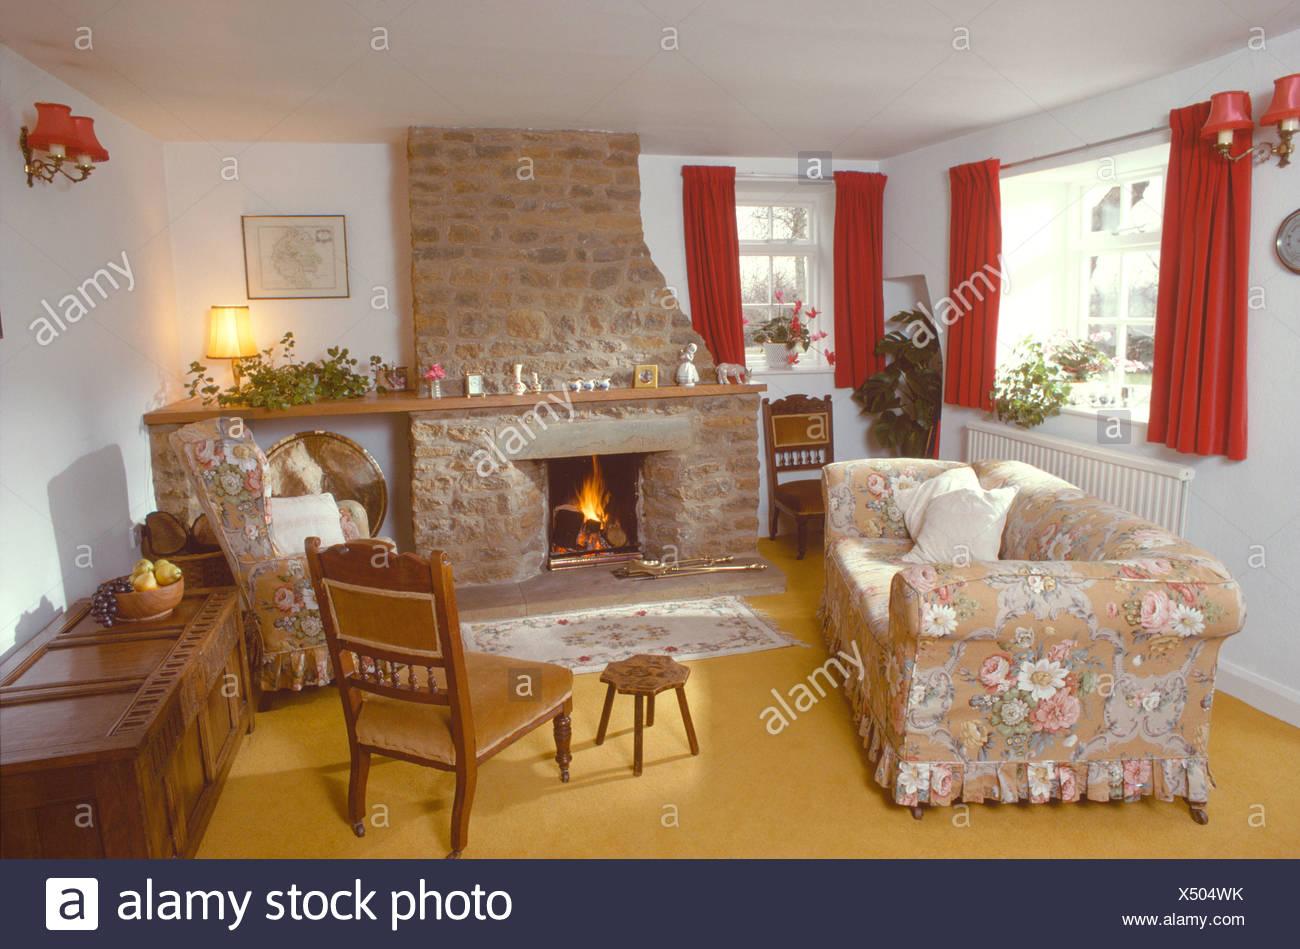 Floral Lose Abdeckung Auf Sofa Vor Dem Kamin Mit Dem Brennenden Feuer Der  Siebziger Jahre Ferienhaus